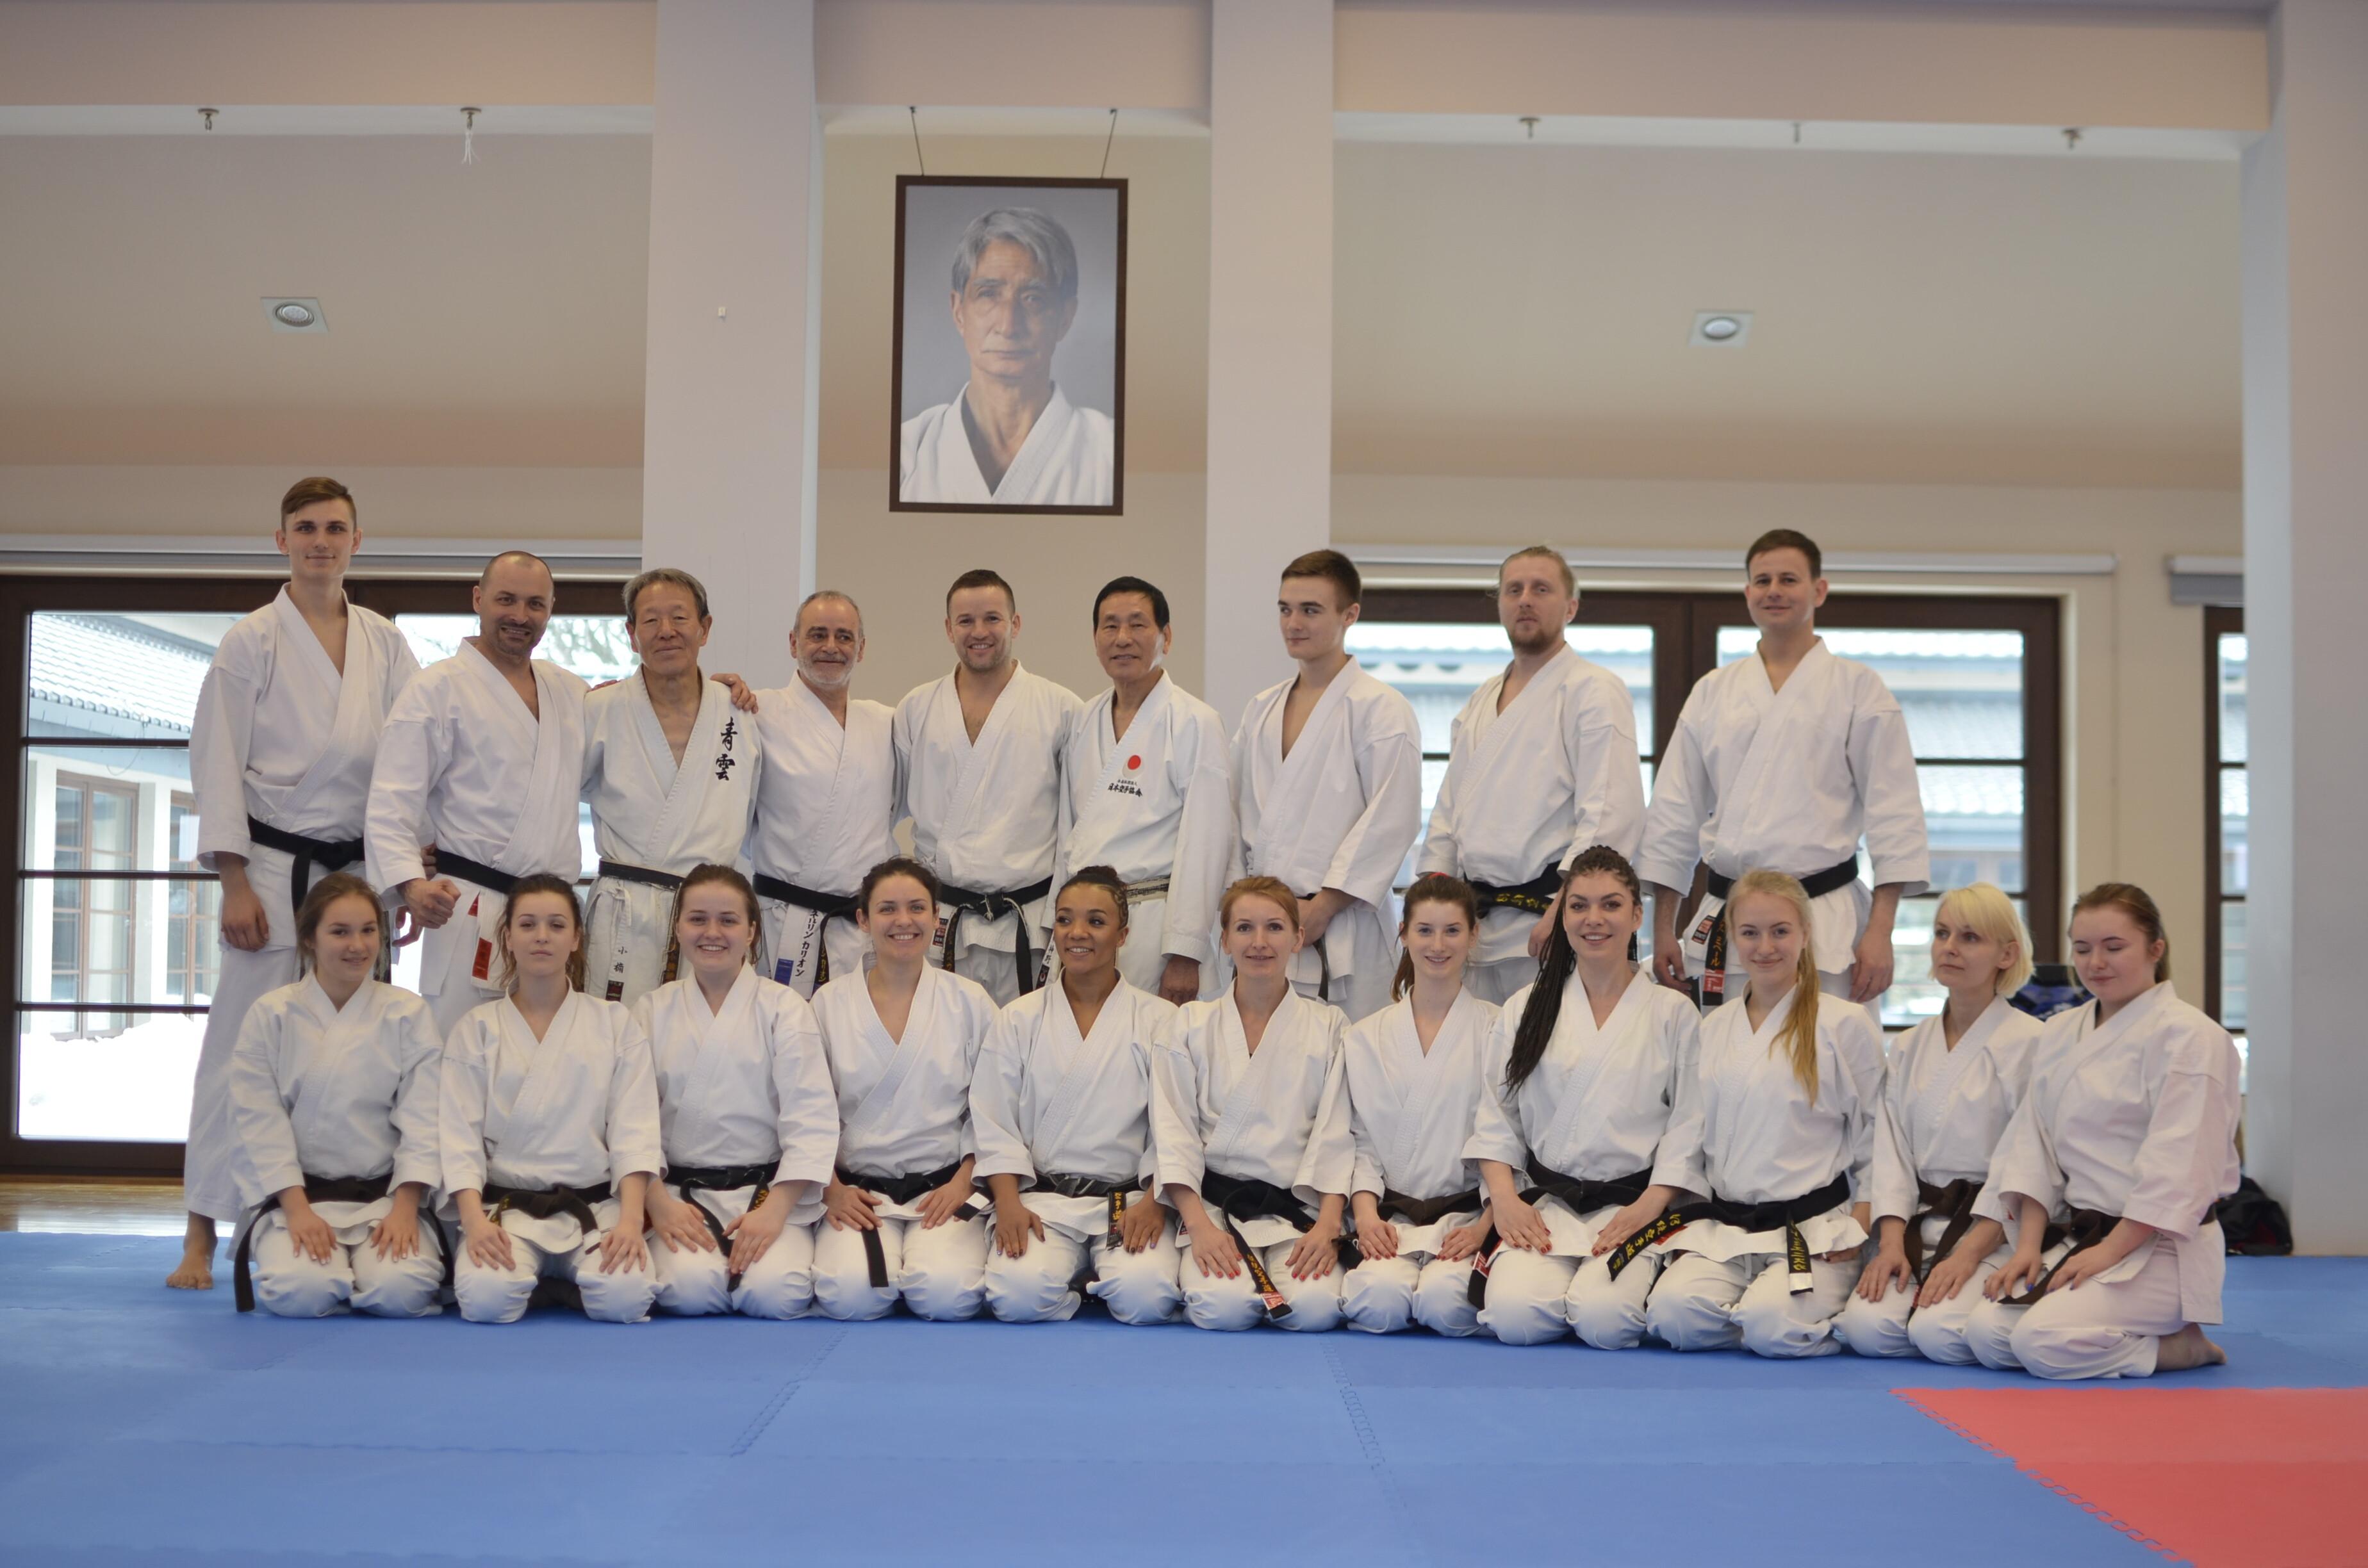 <p>17 karateków AKT szkoliło się podczas międzynarodowego zgrupowania Winter Gasshuku 2017, które trwało od 15 do 19 lutego w Dojo Stara Wieś.</p>